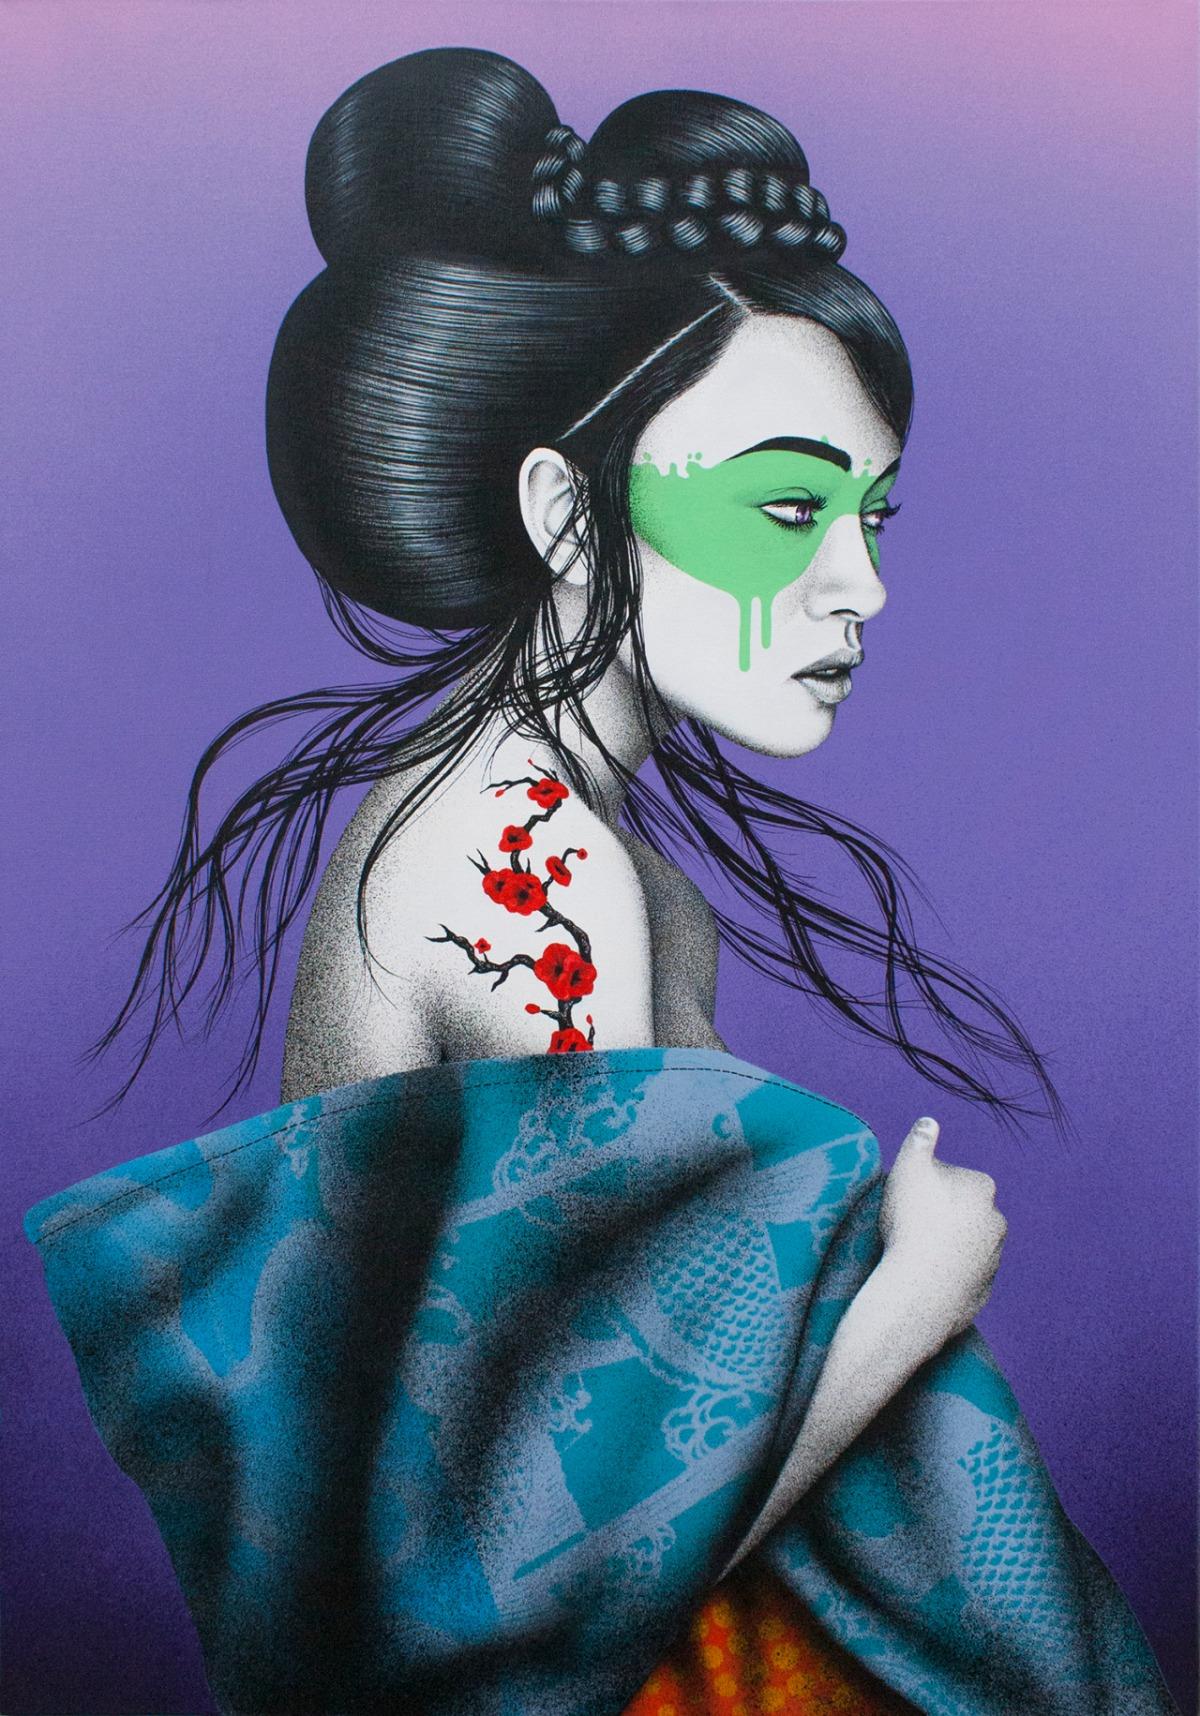 fin-dac-geisha-7